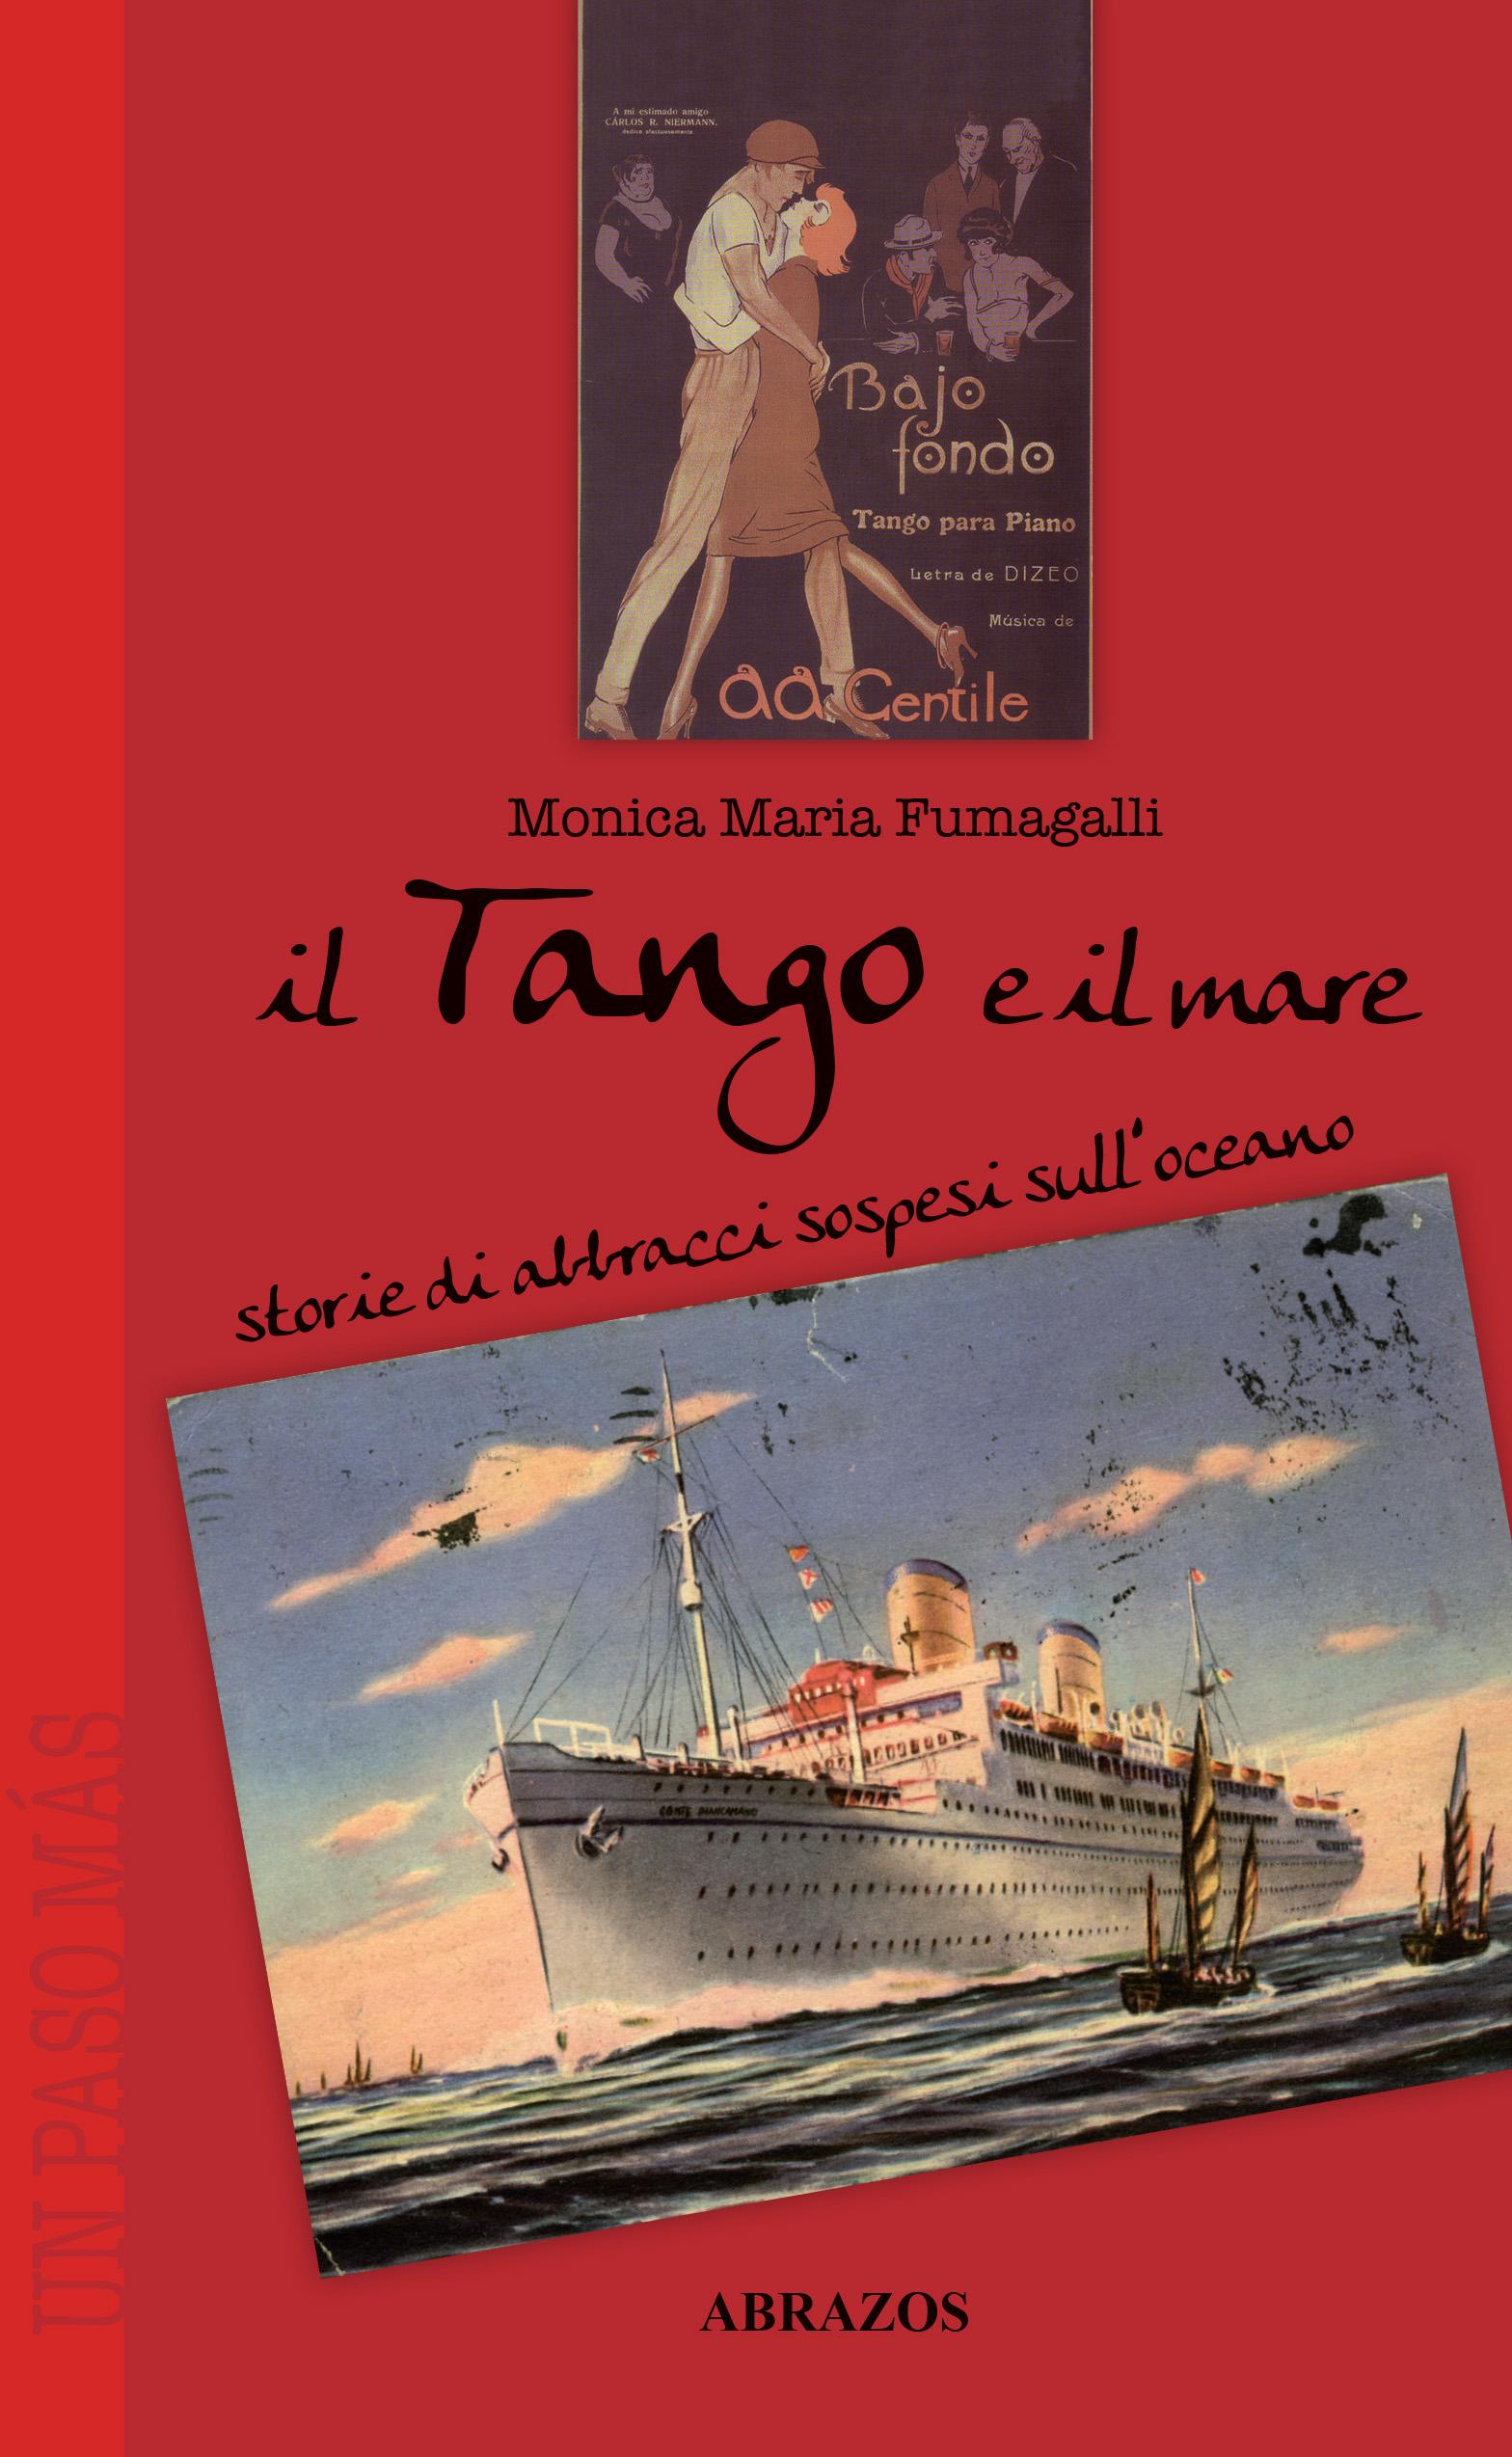 tango-e-mare-alta-sito